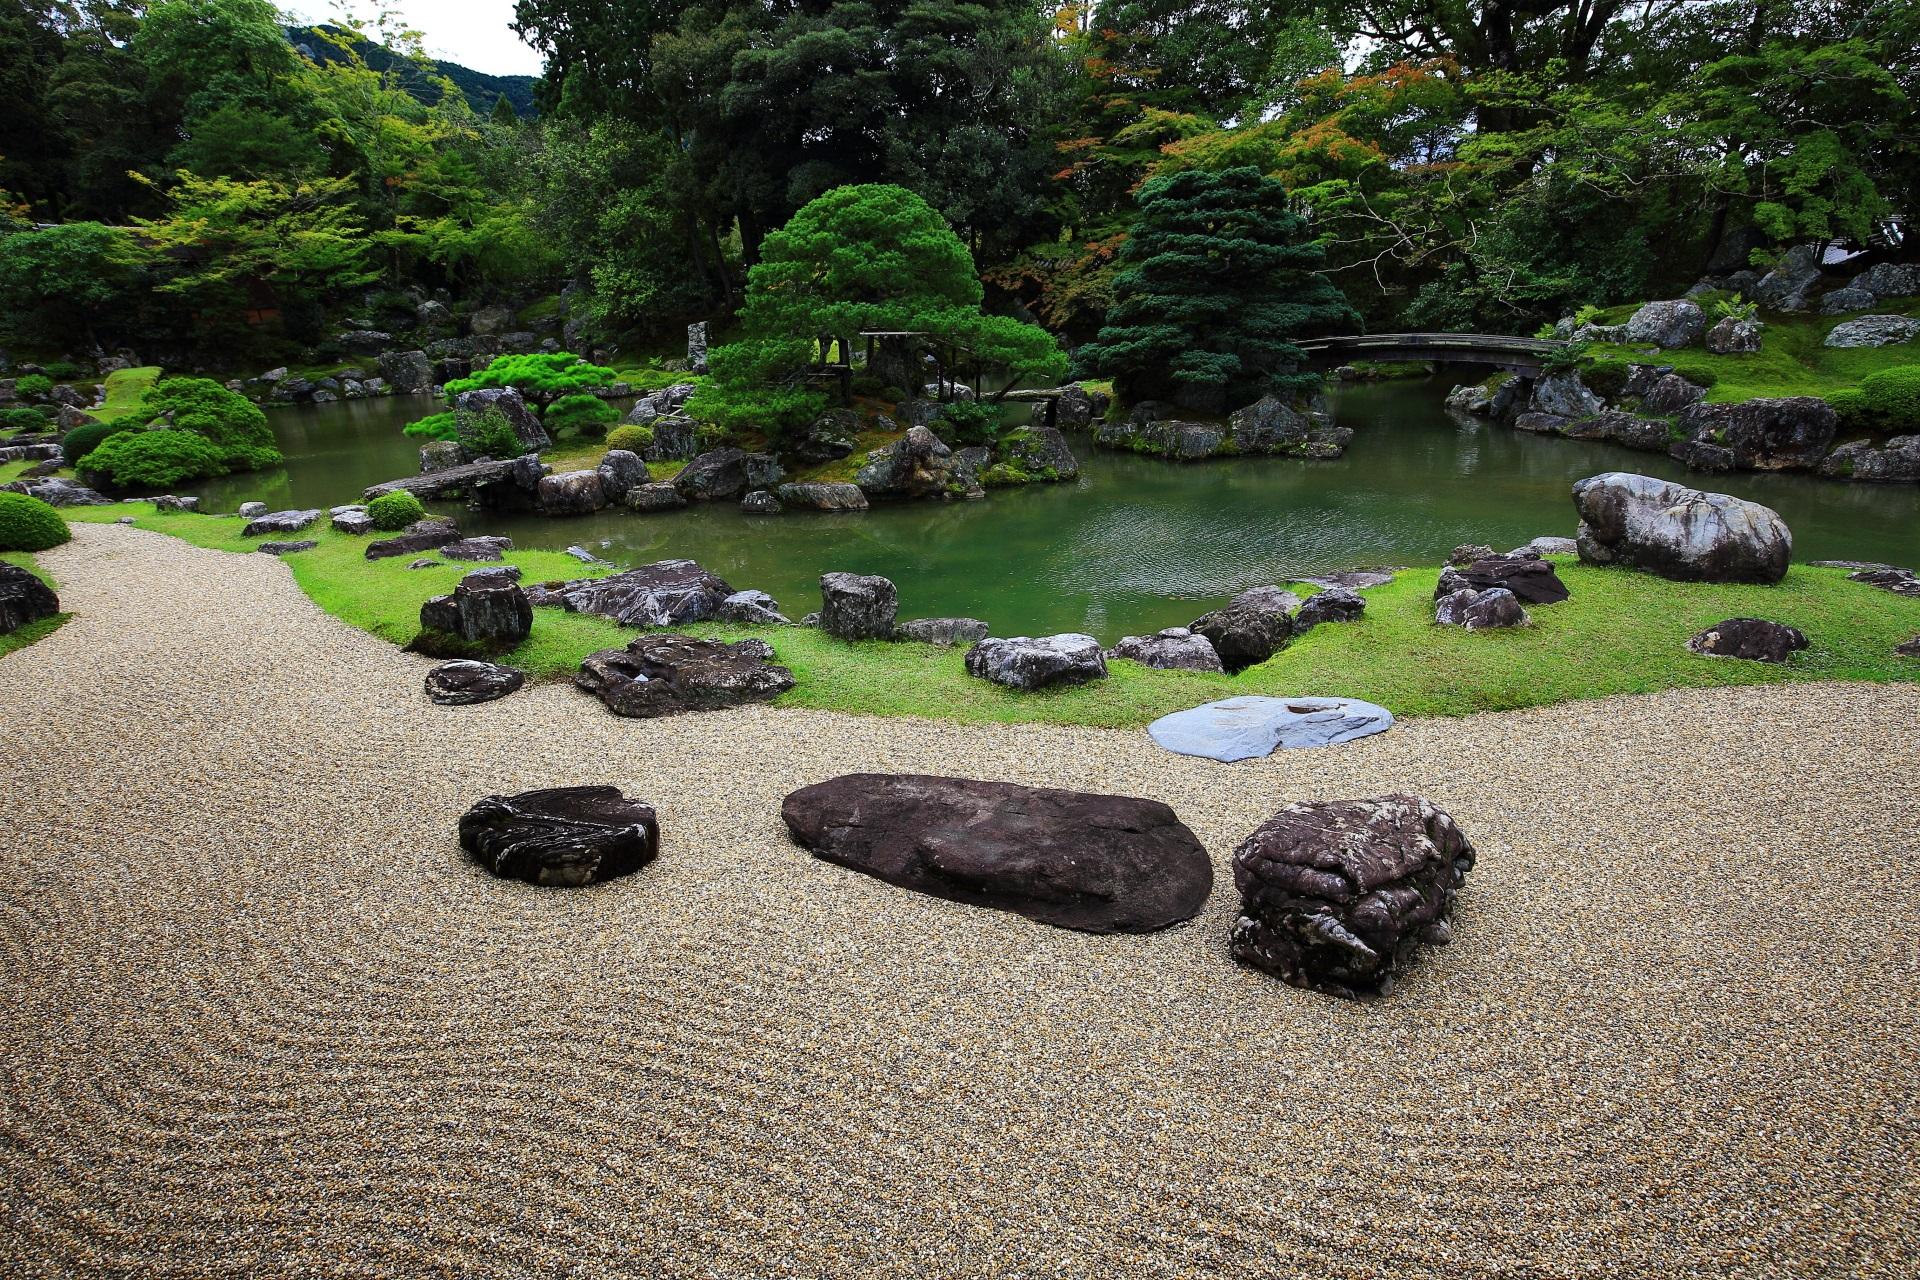 砂も多く使われてた三宝院の庭園